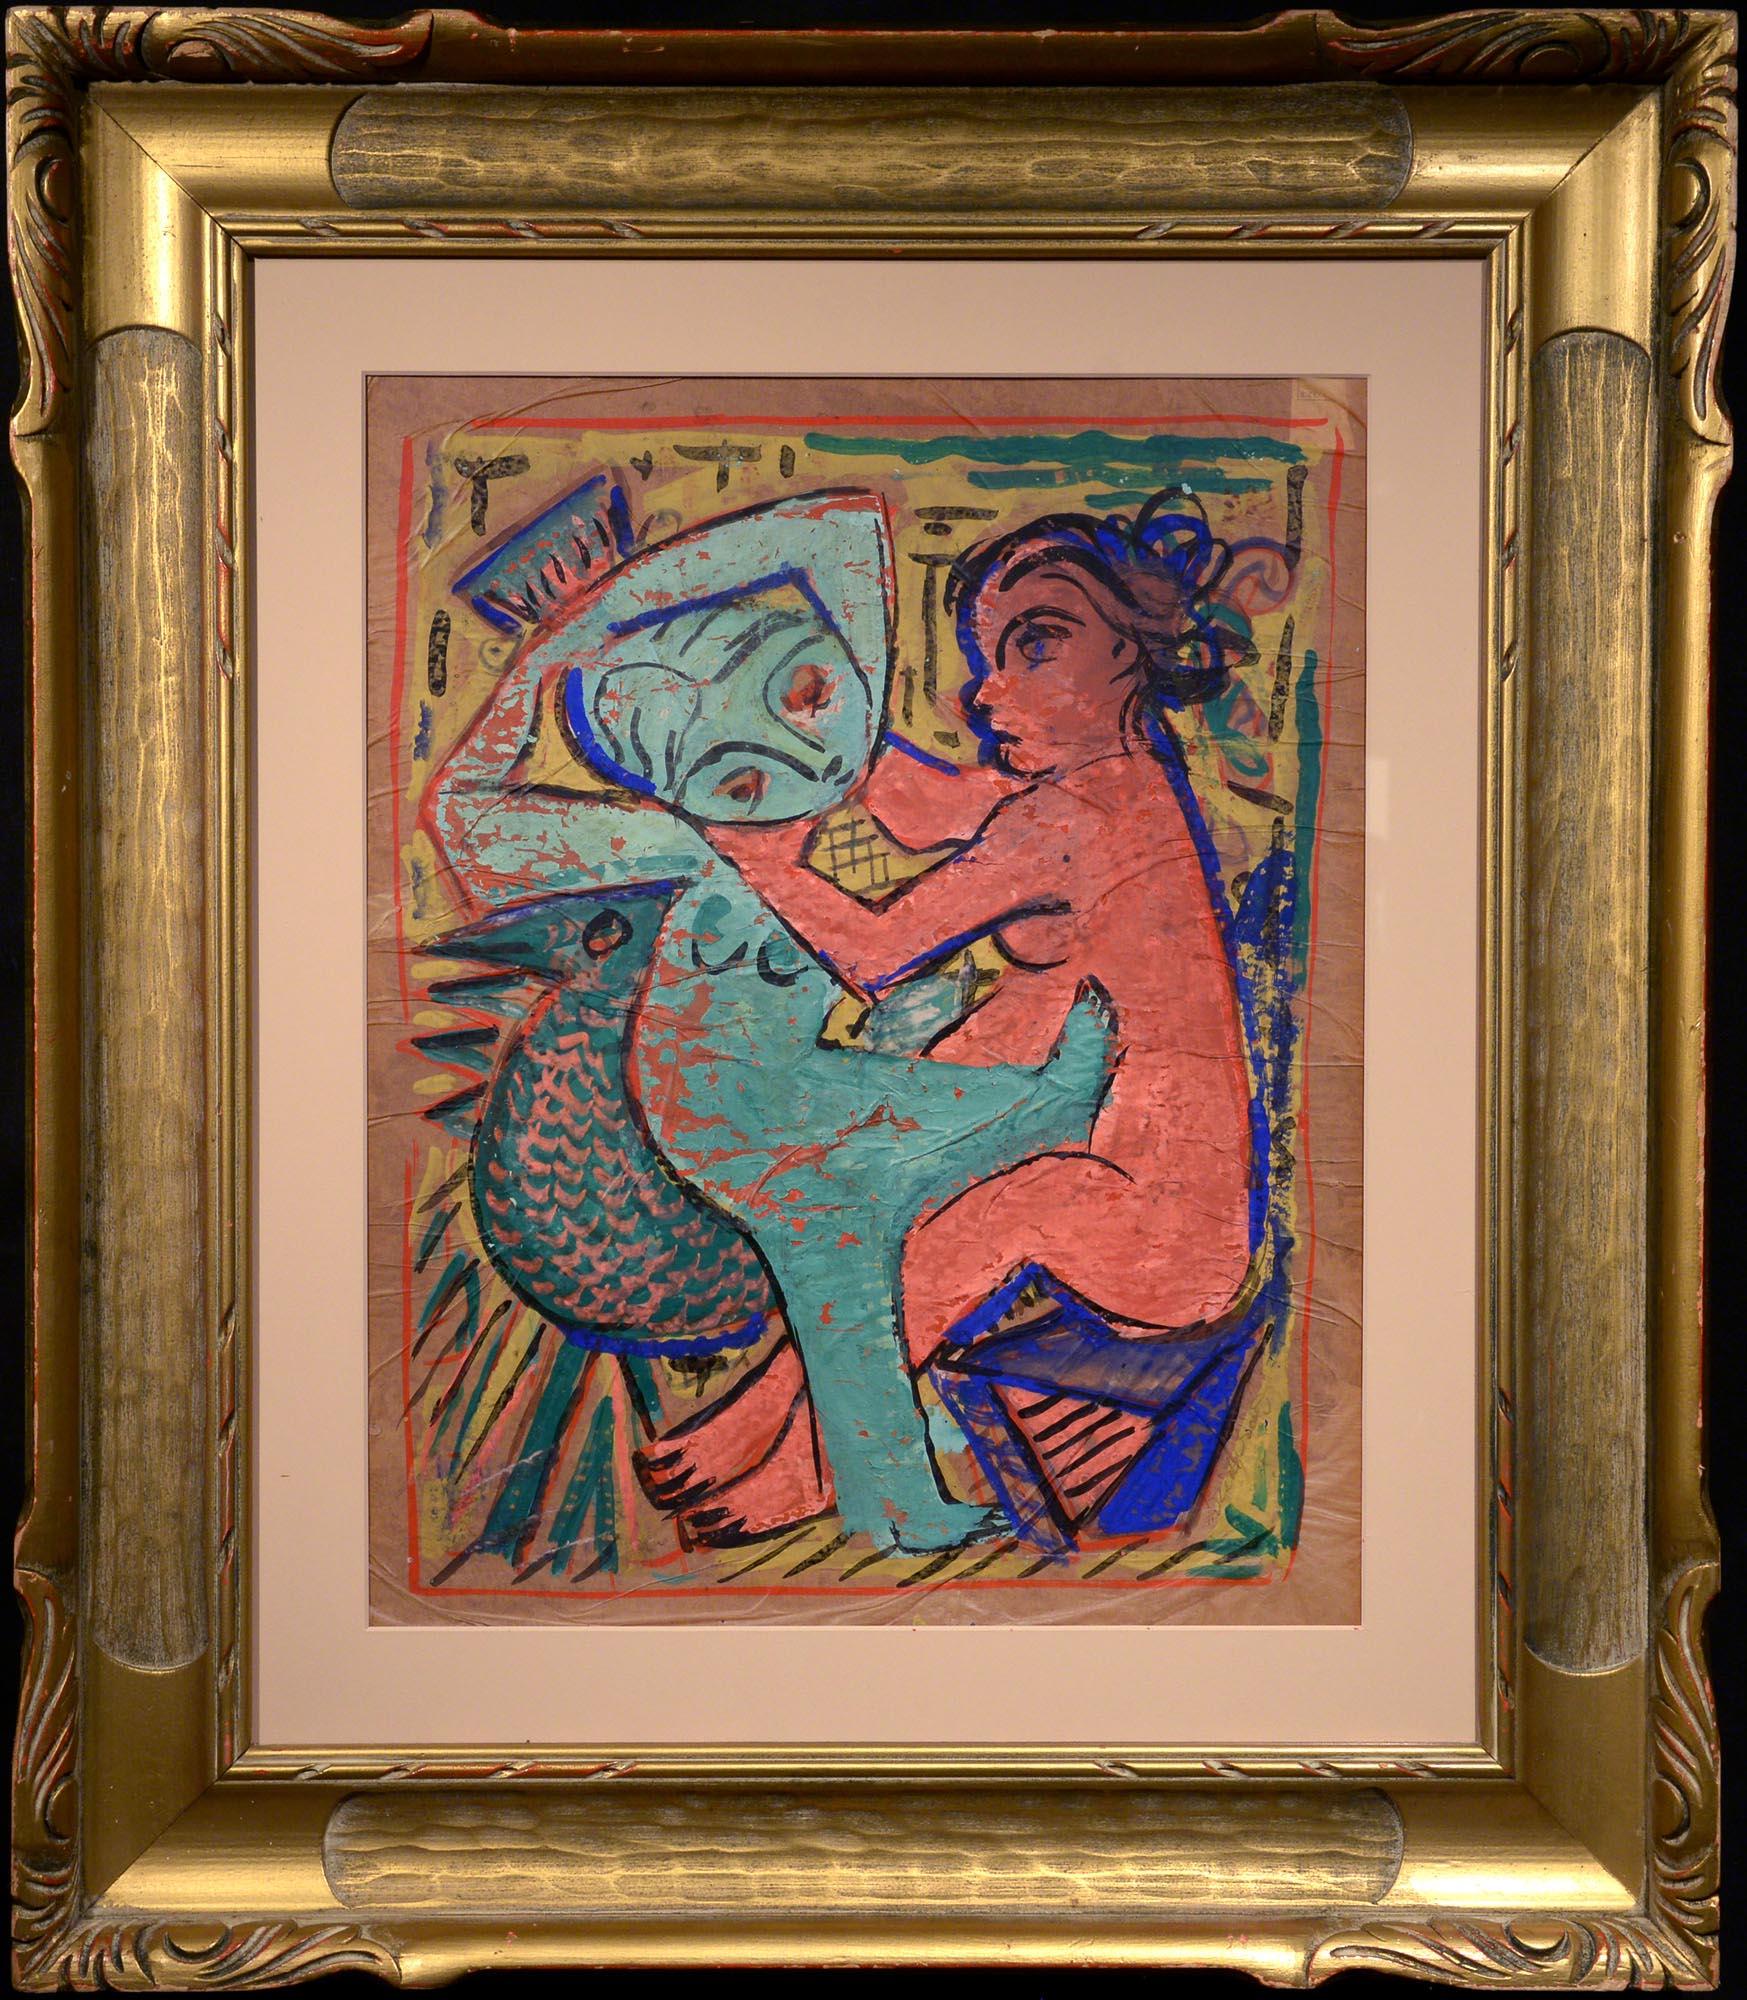 Jose de Creeft Two Women and a Bird framed